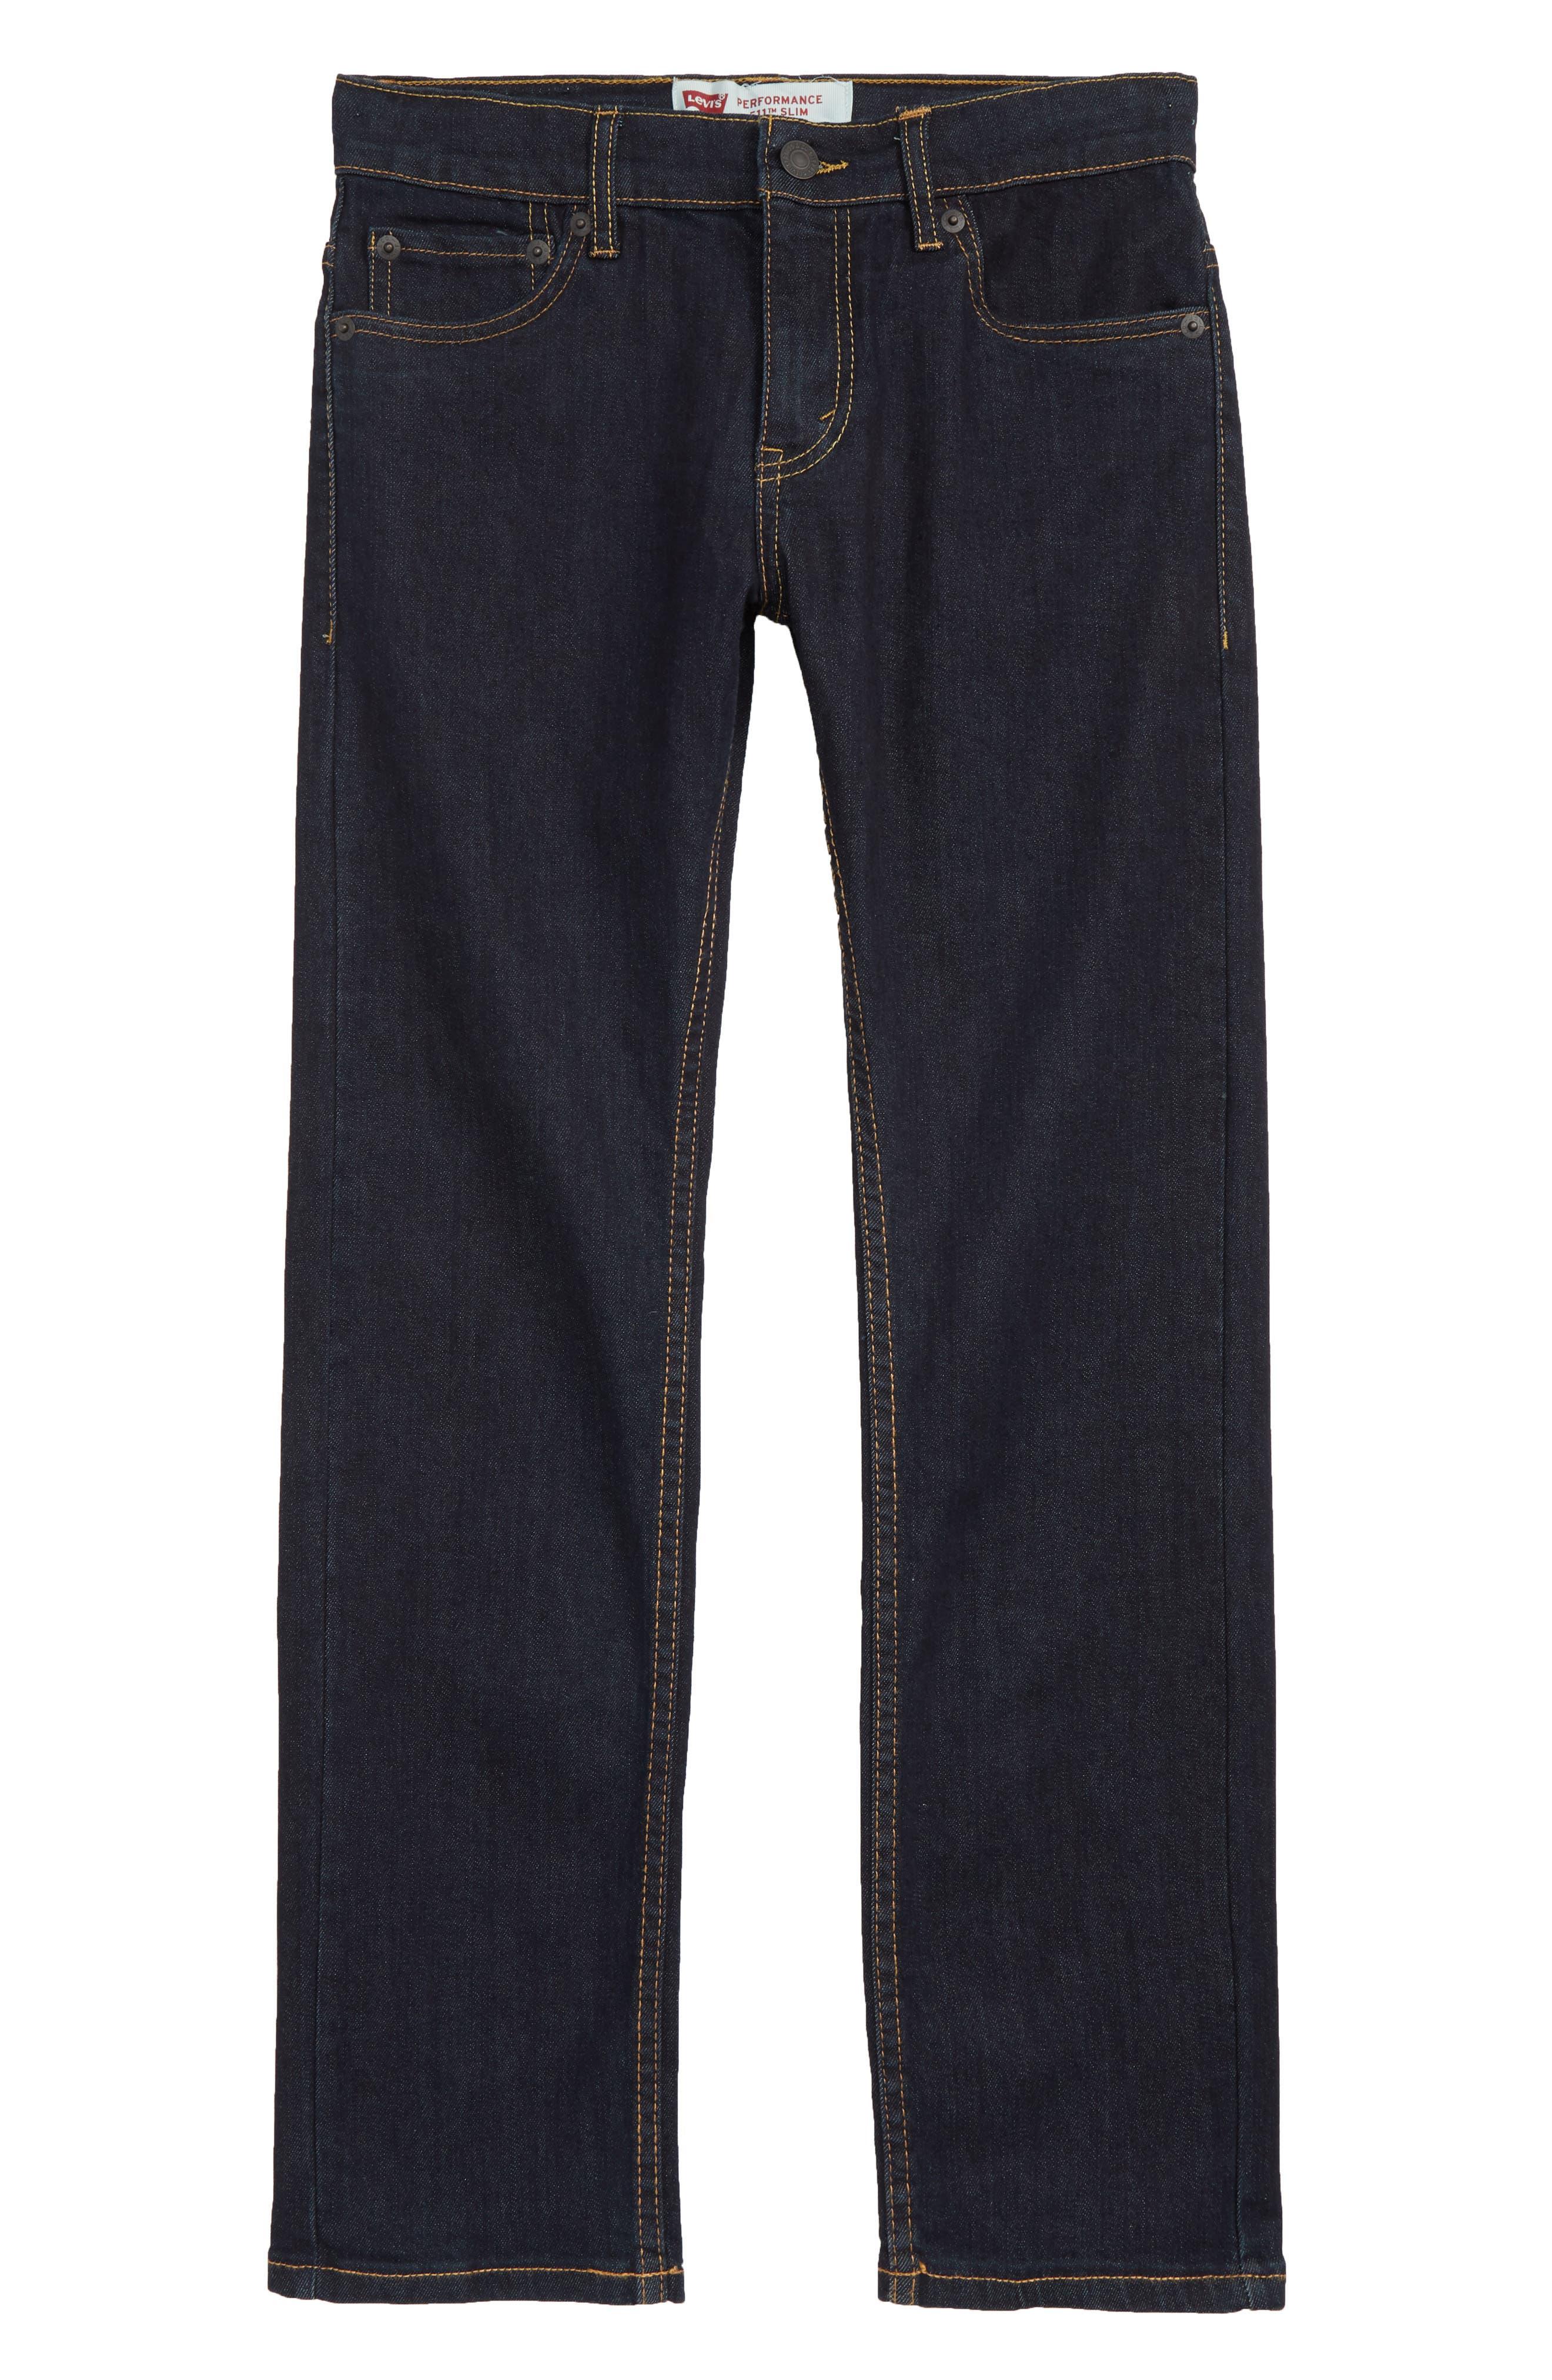 Boys Levis 511(TM) Slim Fit Jeans Size 12